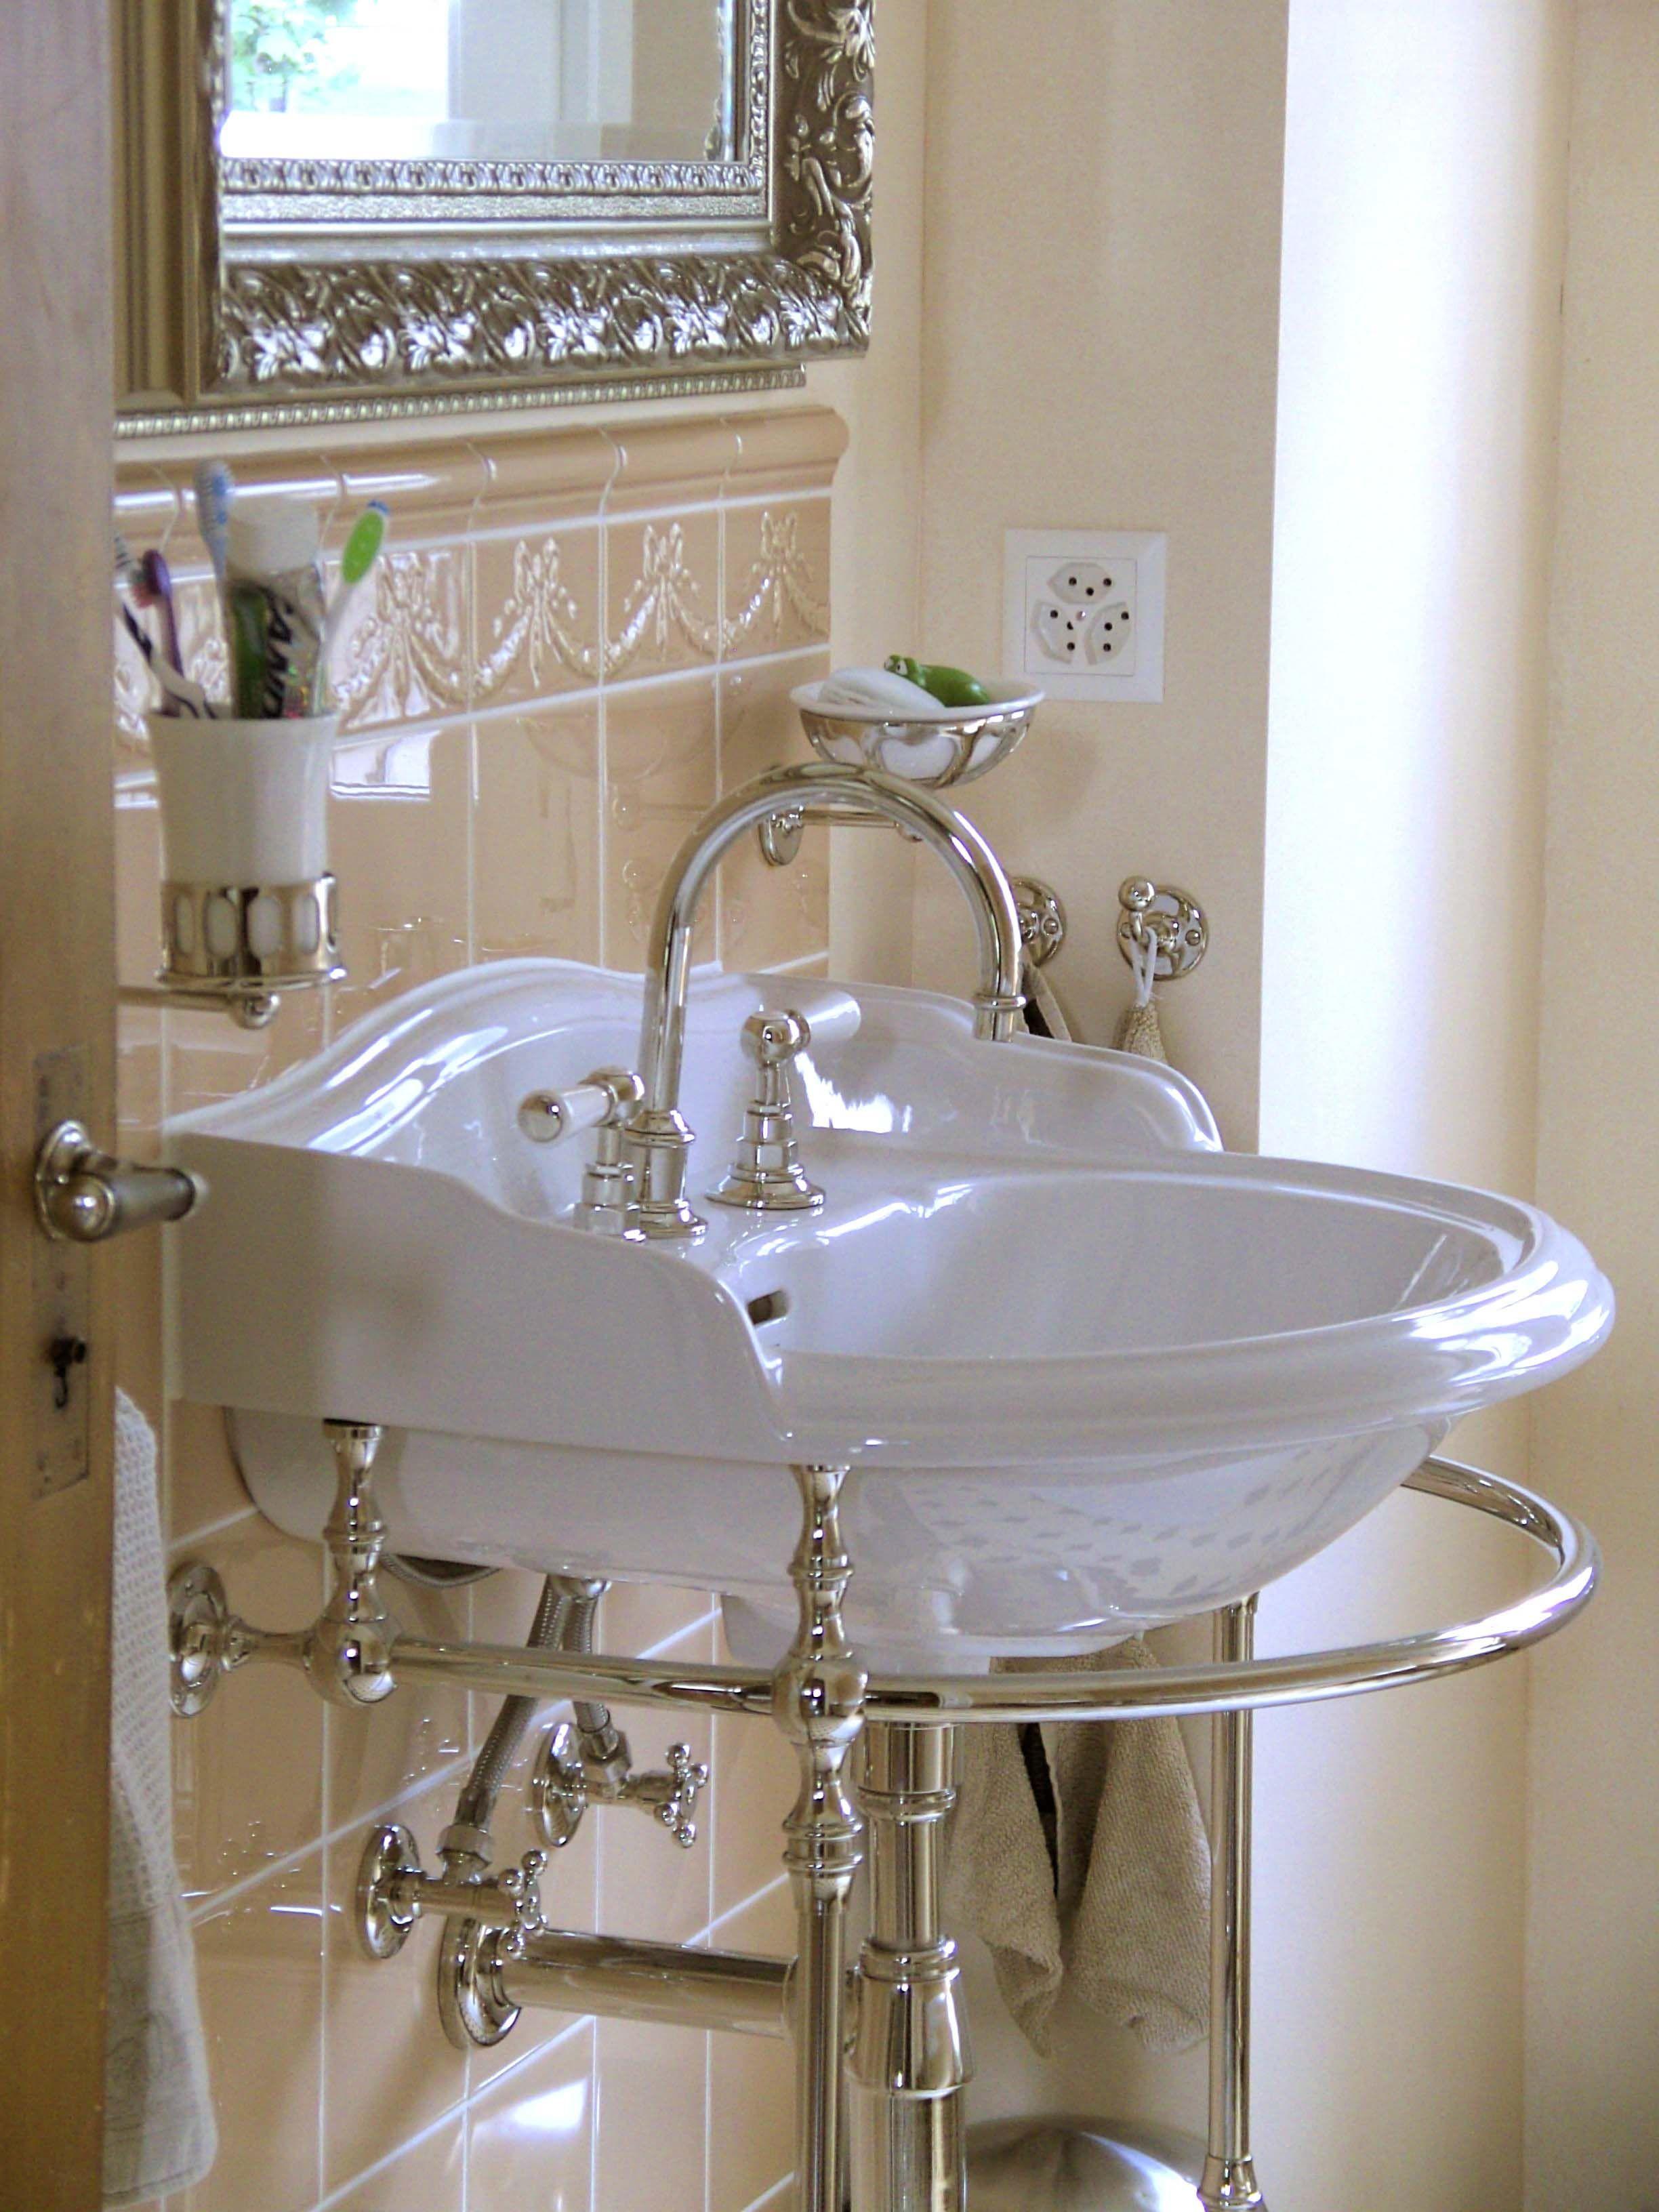 Waschtisch Richmond Im Viktorianischen Stil Waschtisch Dasaugebadetmit Viktorianisch Traditionelle Bader Viktorianisches Badezimmer Viktorianischer Stil